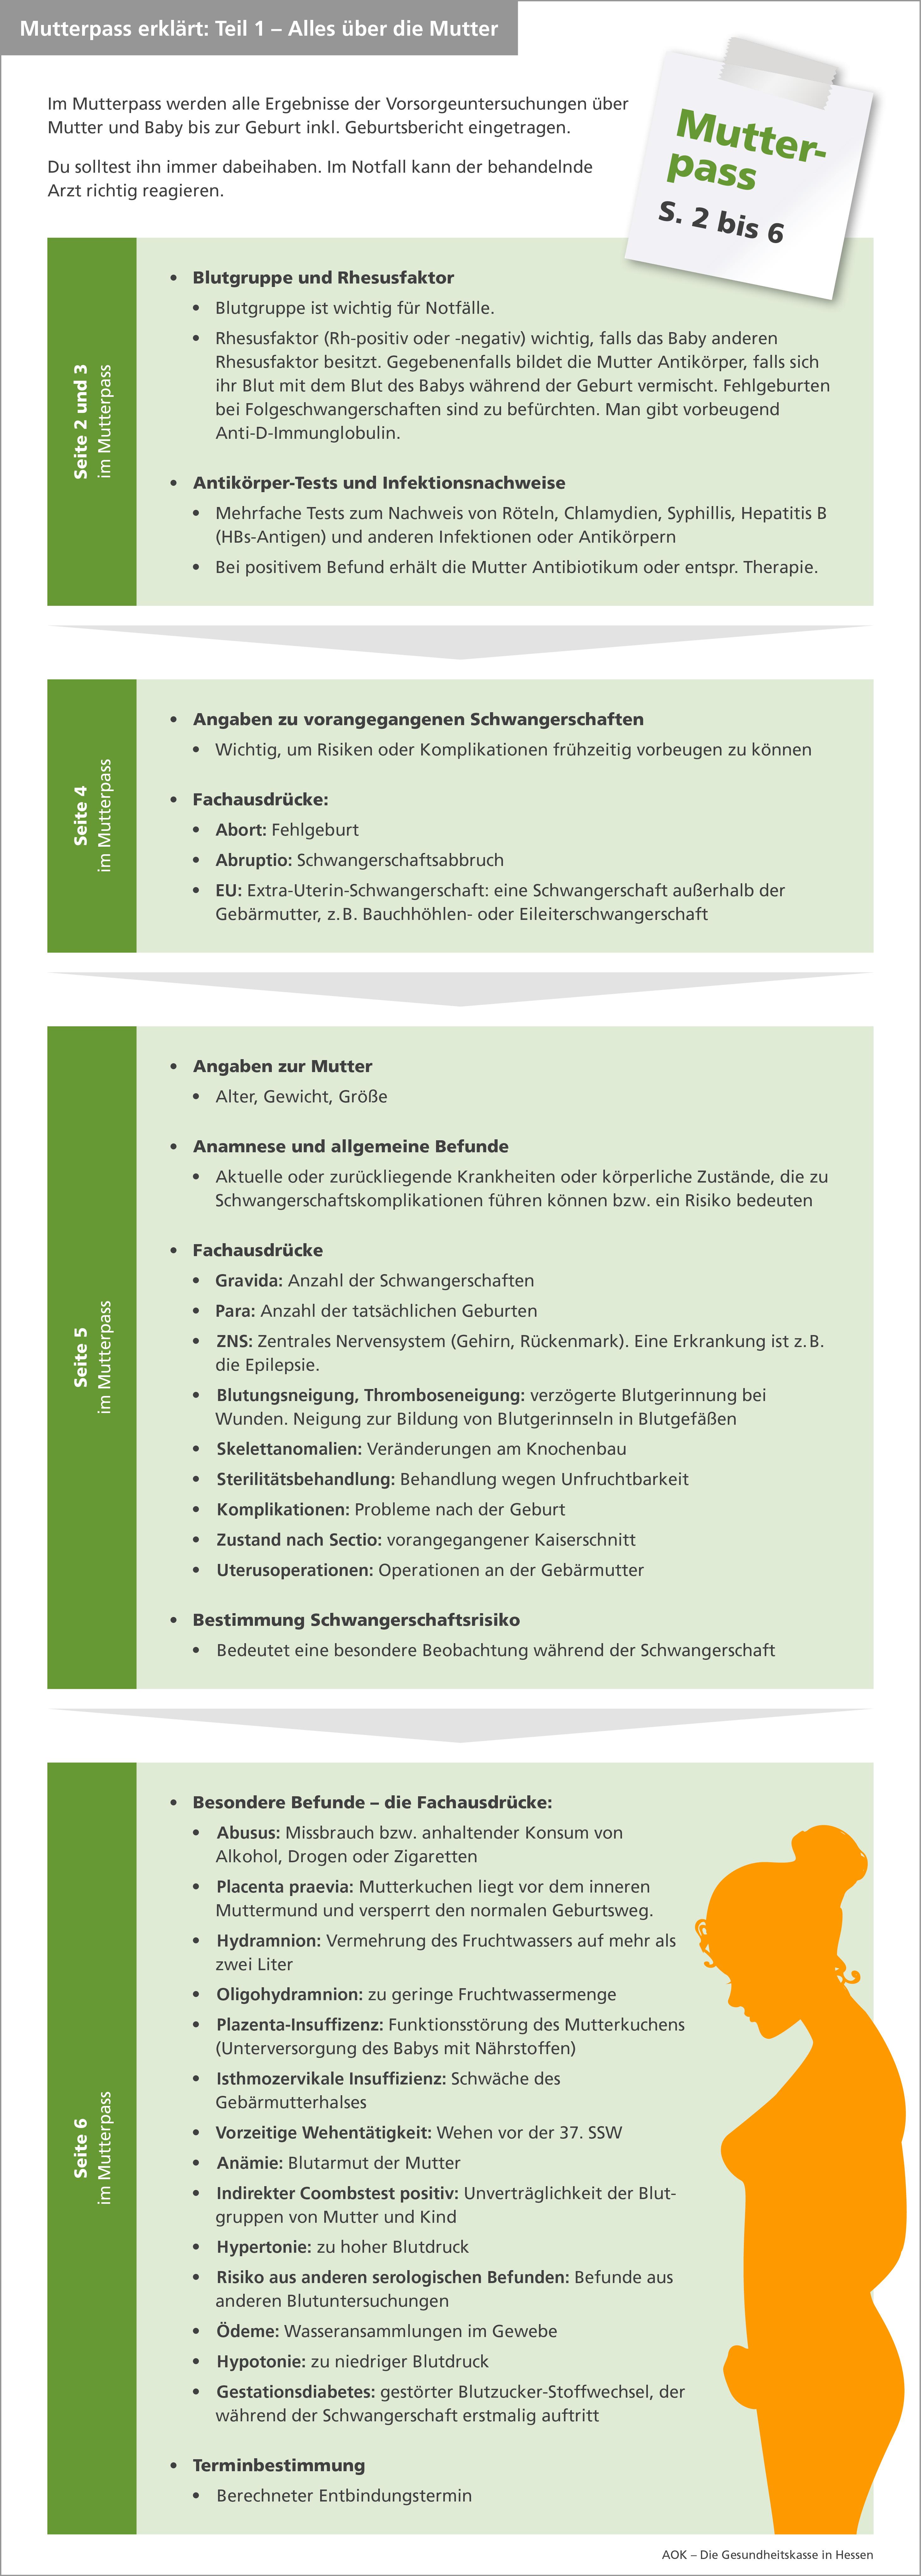 Infografik Mutterpass Teil 1